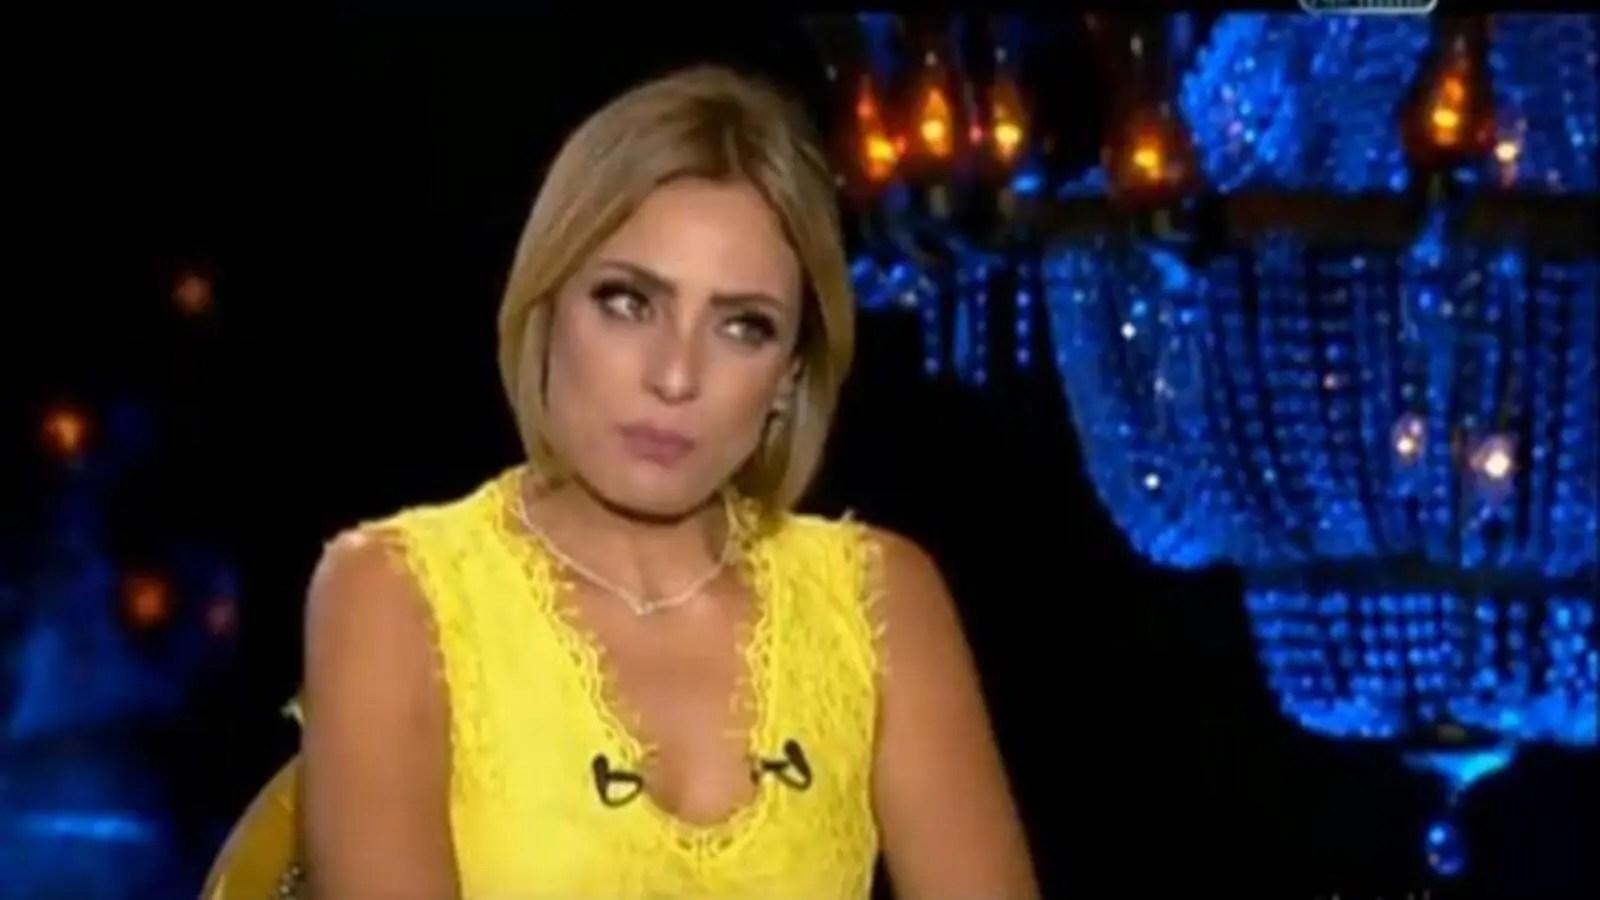 ريم البارودي تفجر مفاجأة فشل زواجي الأخير بسبب رسالة من